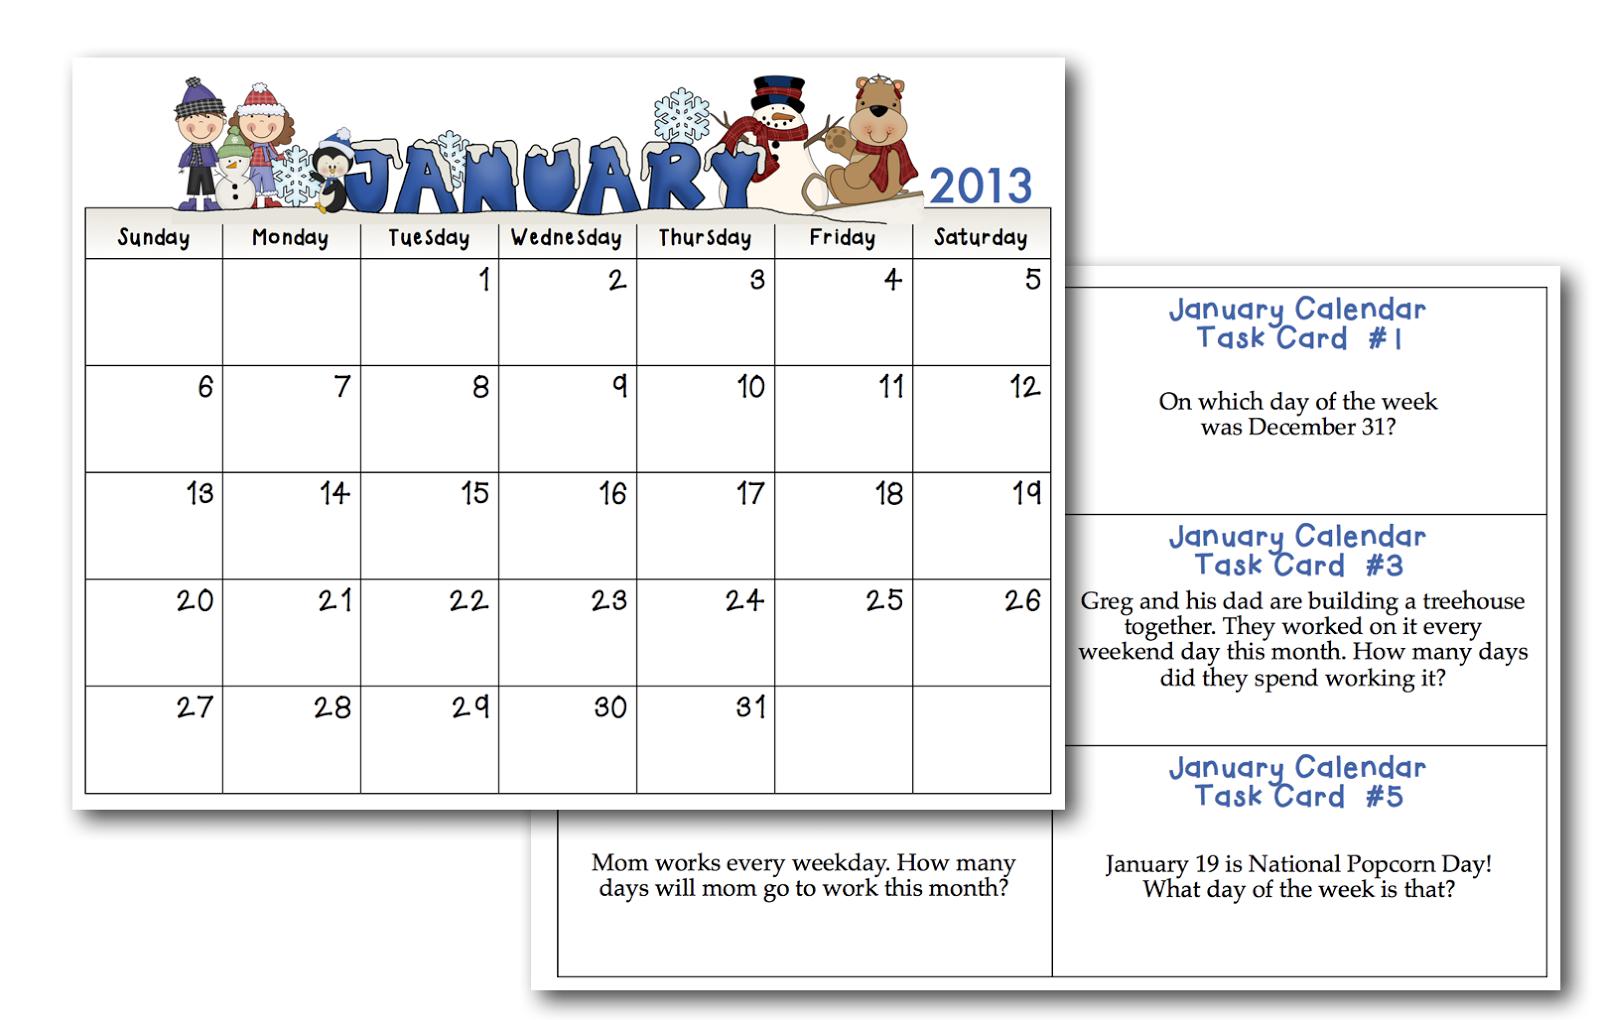 Week Calendar Planner Group meeting planning made simple